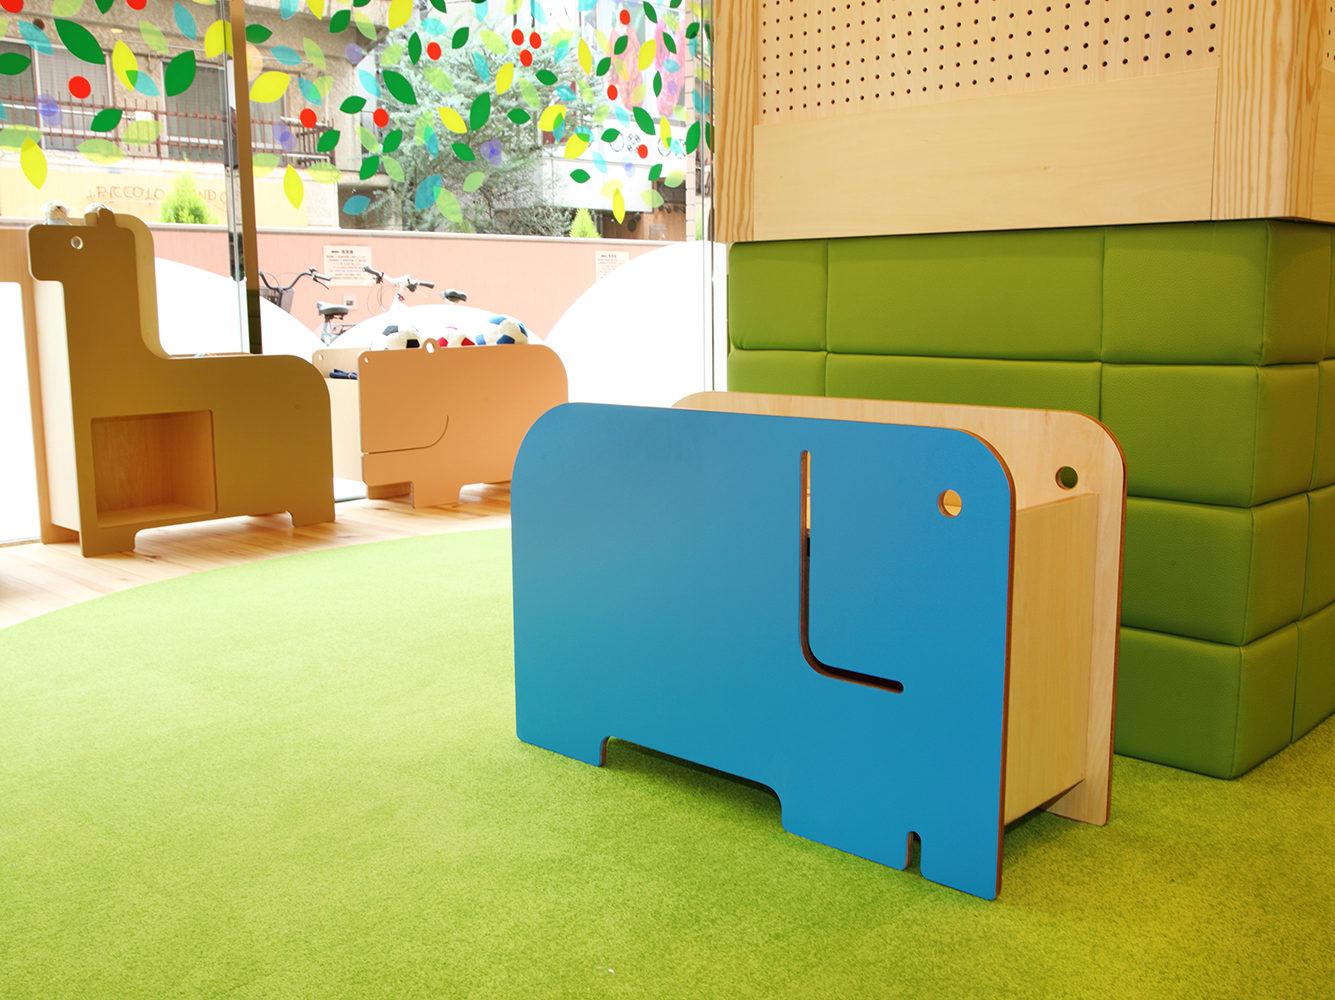 可動間仕切りとしての機能も持つ、みらいえ保育園の遊具の写真